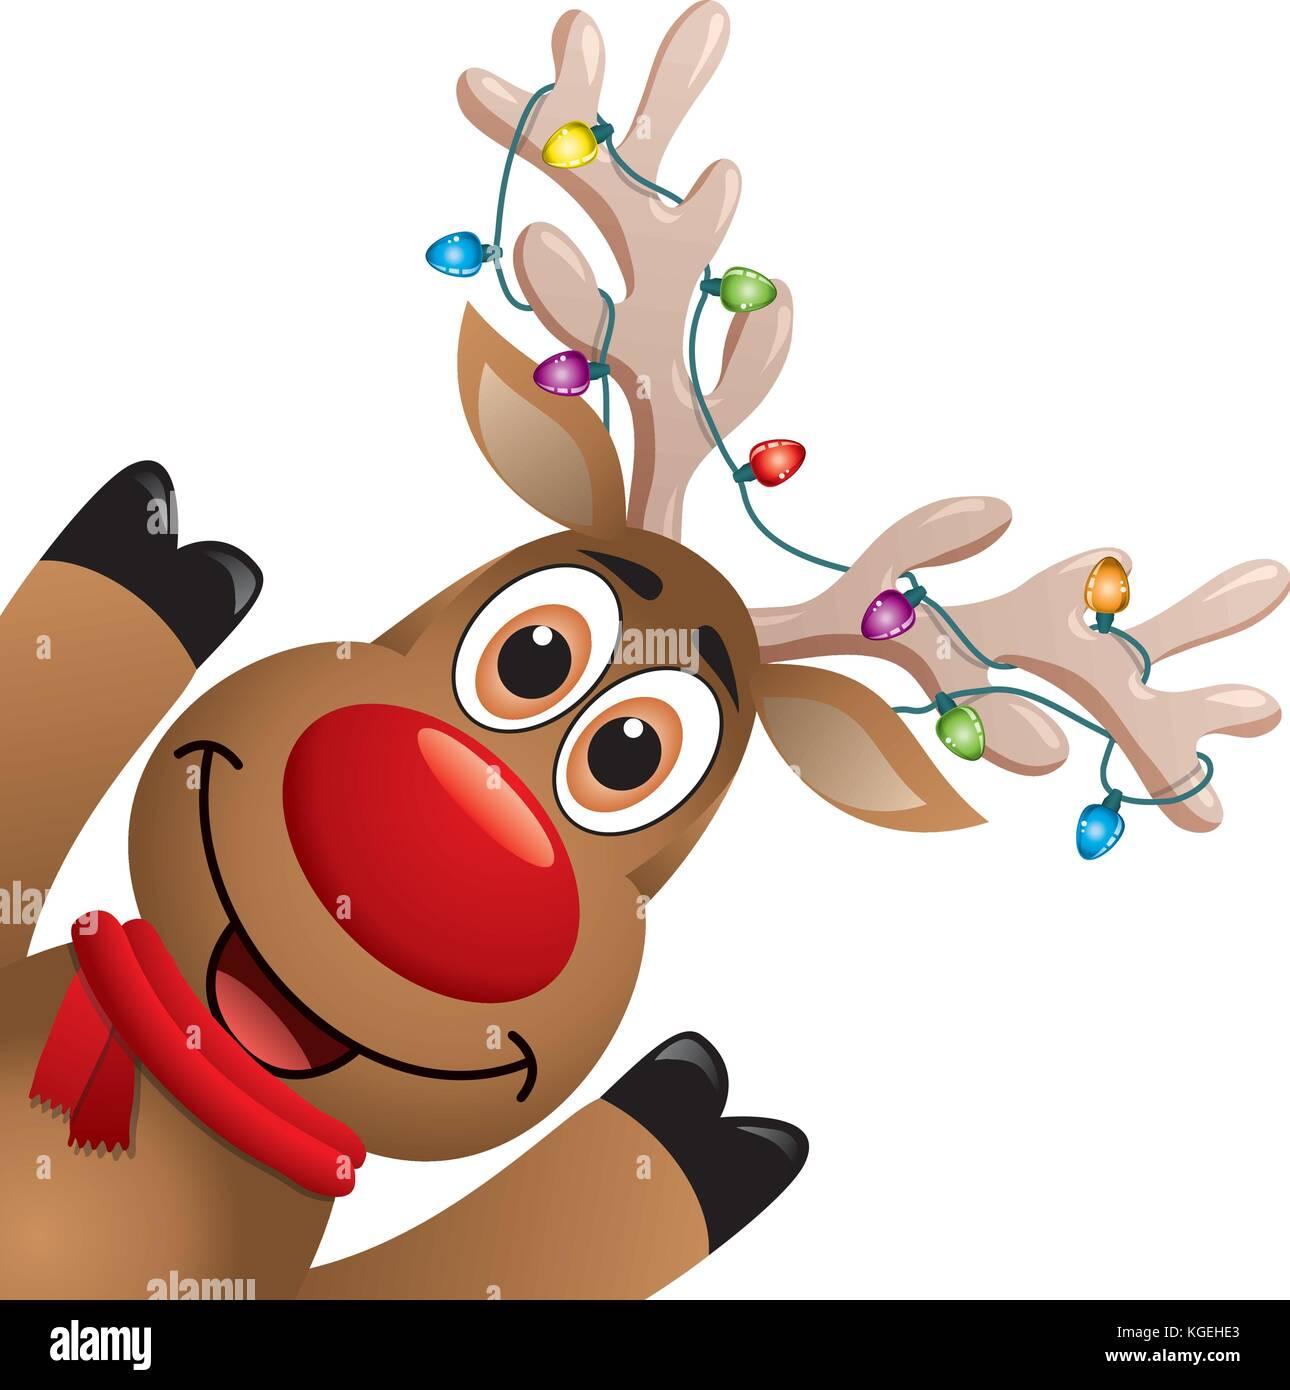 Disegni Di Natale Renne.Vettore Di Disegno Di Natale Di Divertenti Dal Naso Rosso